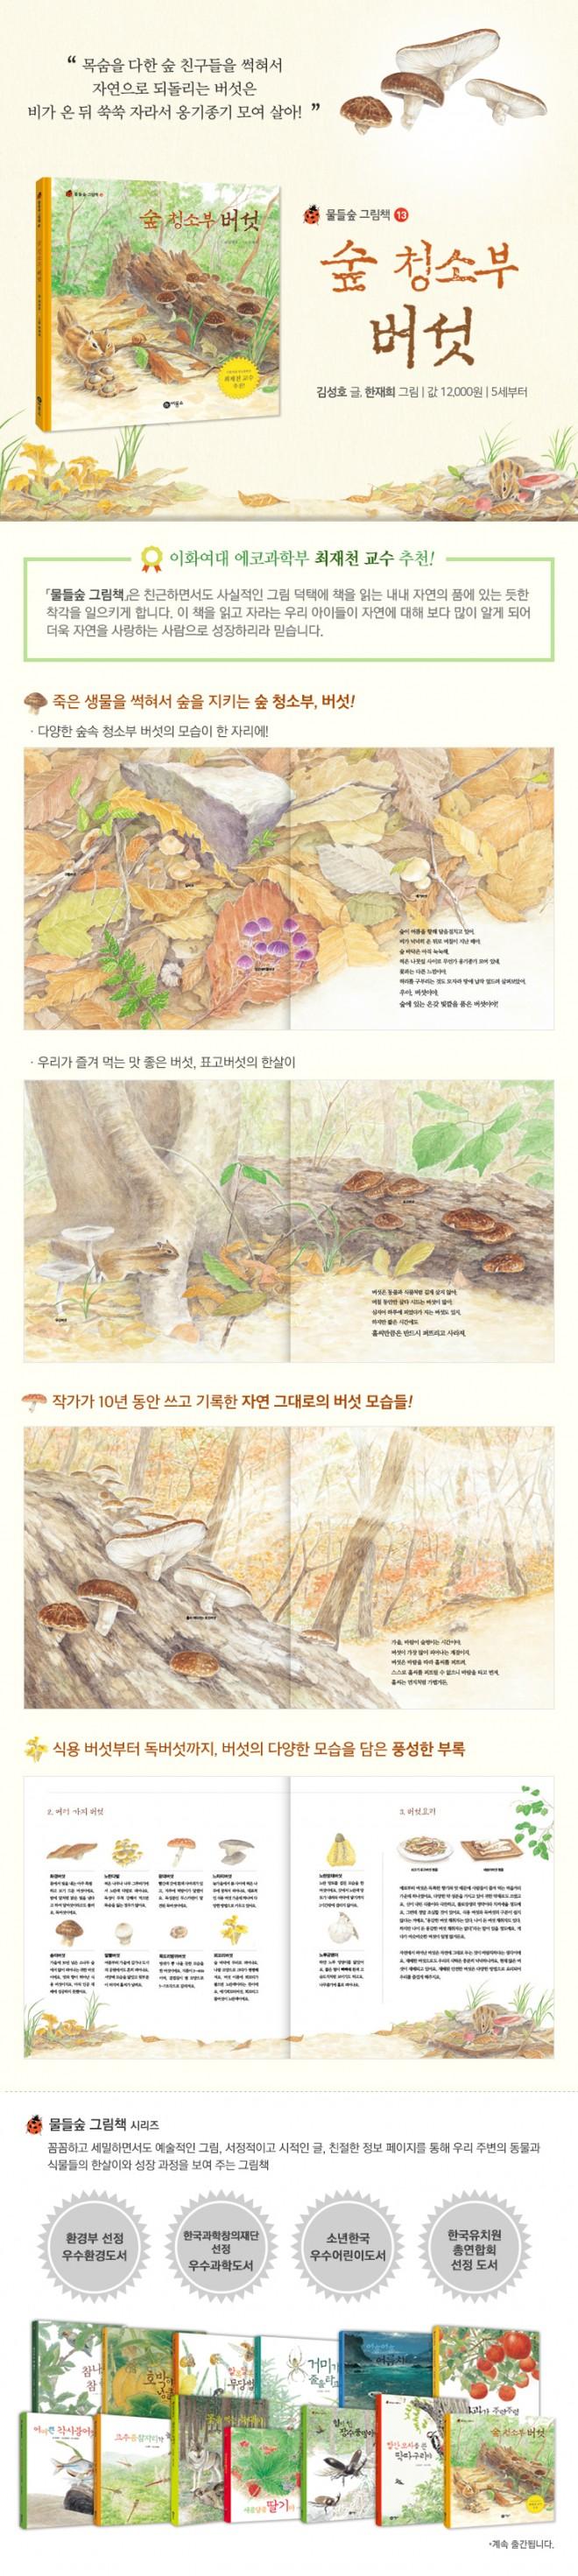 신간_숲청소부버섯